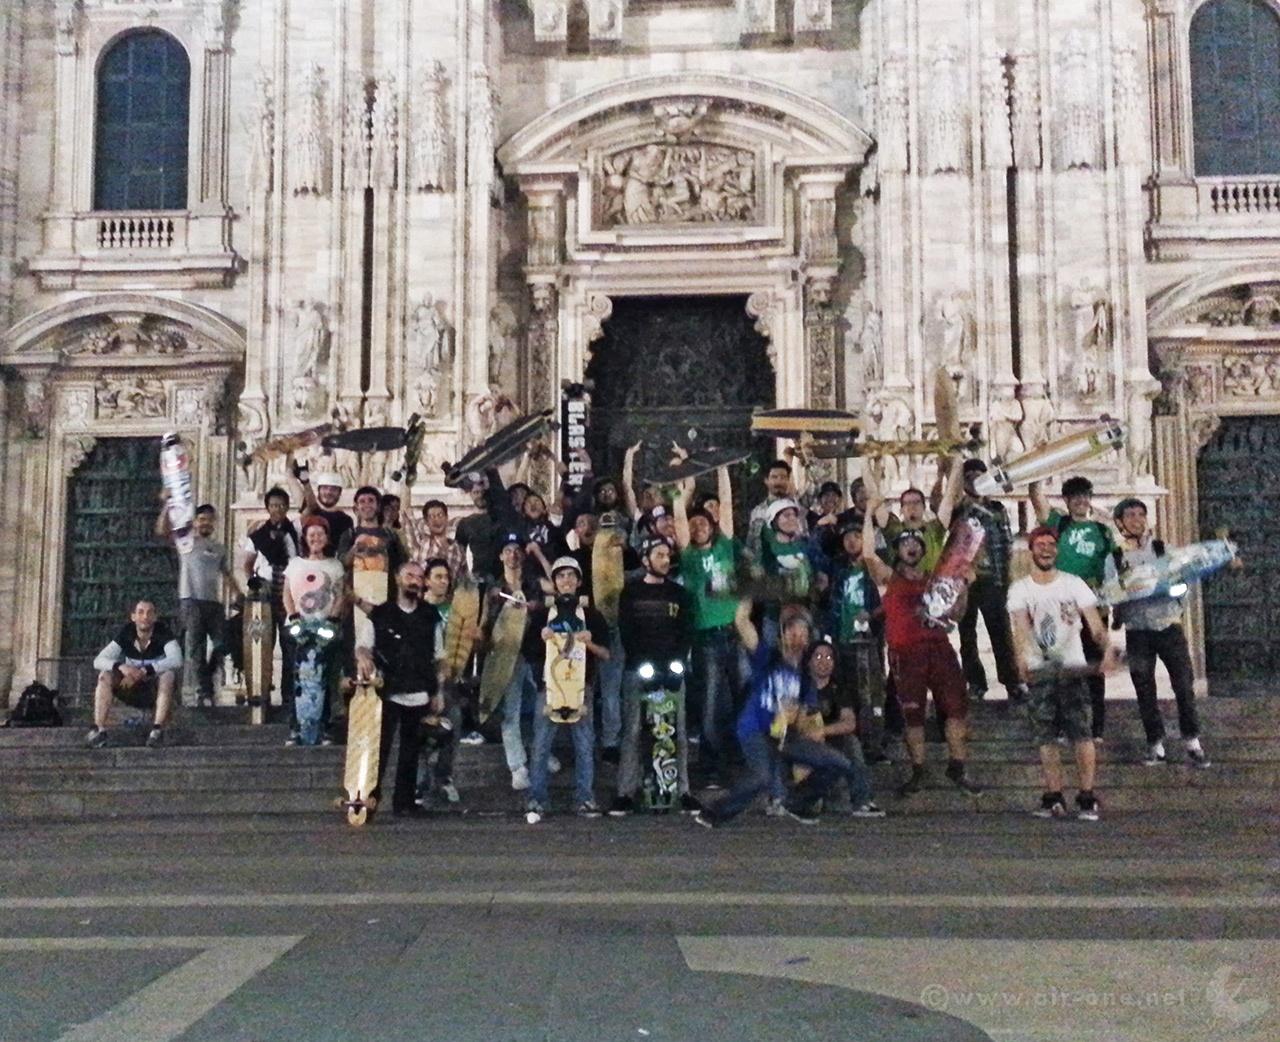 Milano Greenskate longboard 2013